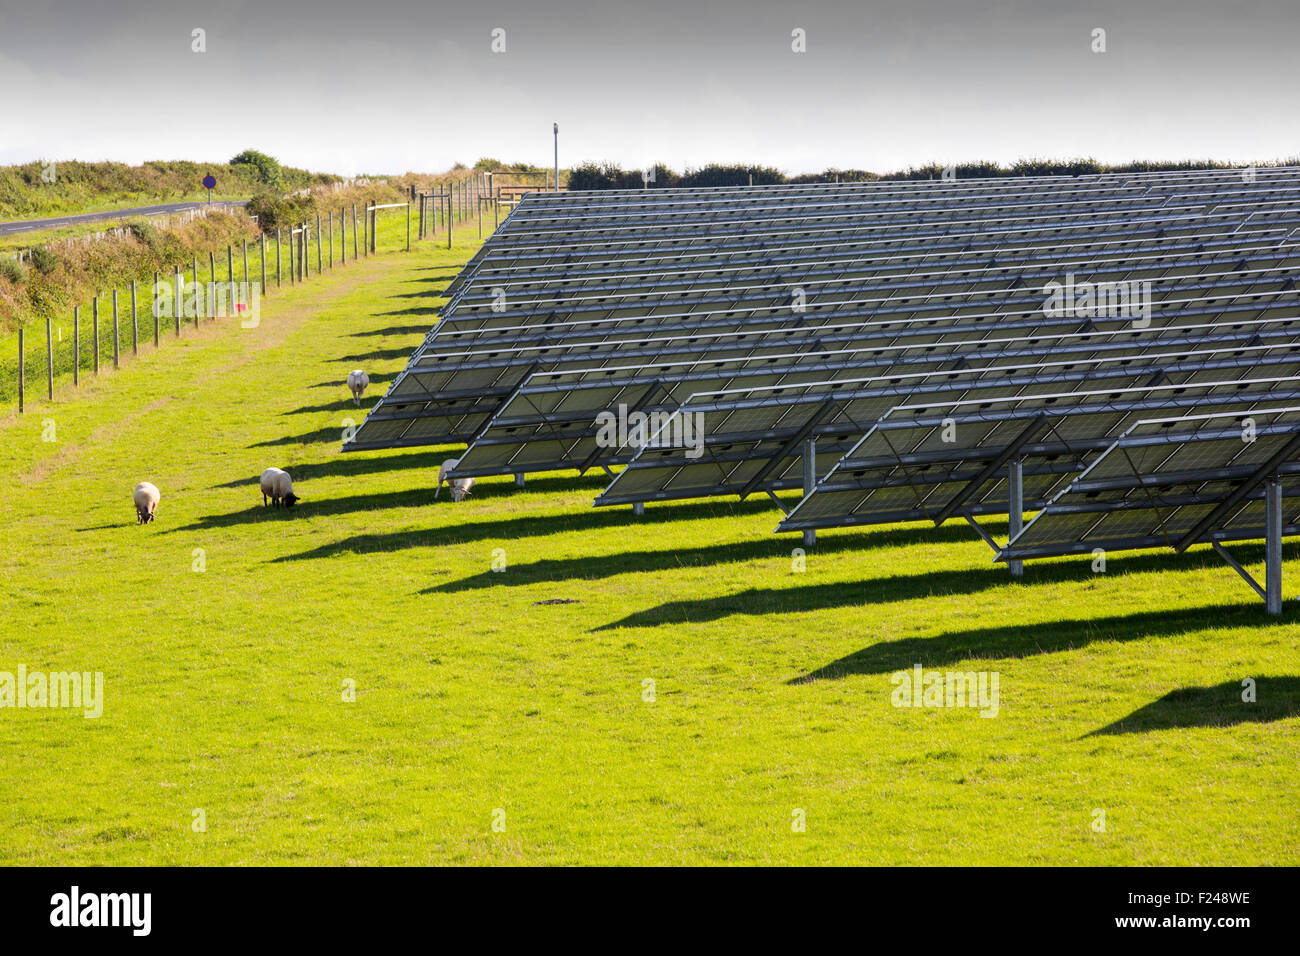 Basado en una granja cerca de la planta solar wadebridge, Cornualles, en el Reino Unido, Imagen De Stock